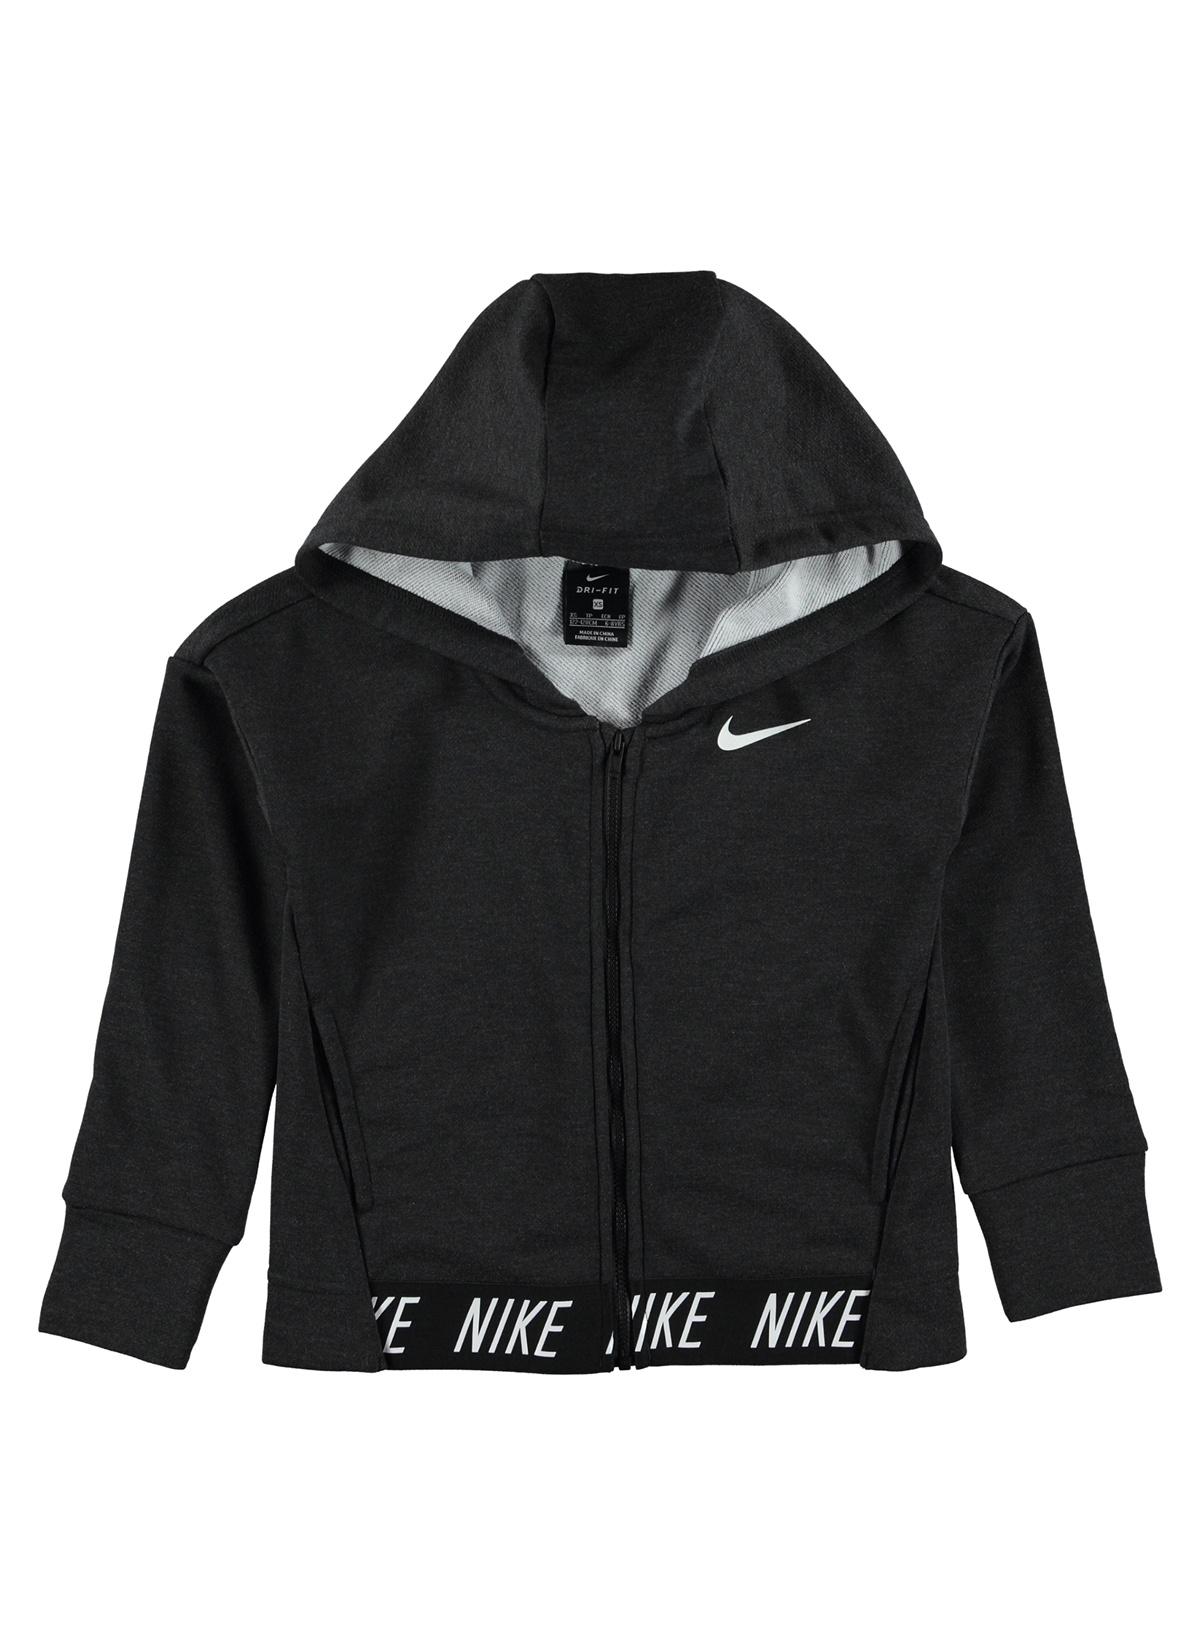 Kız Çocuk Nike Sweatshirt